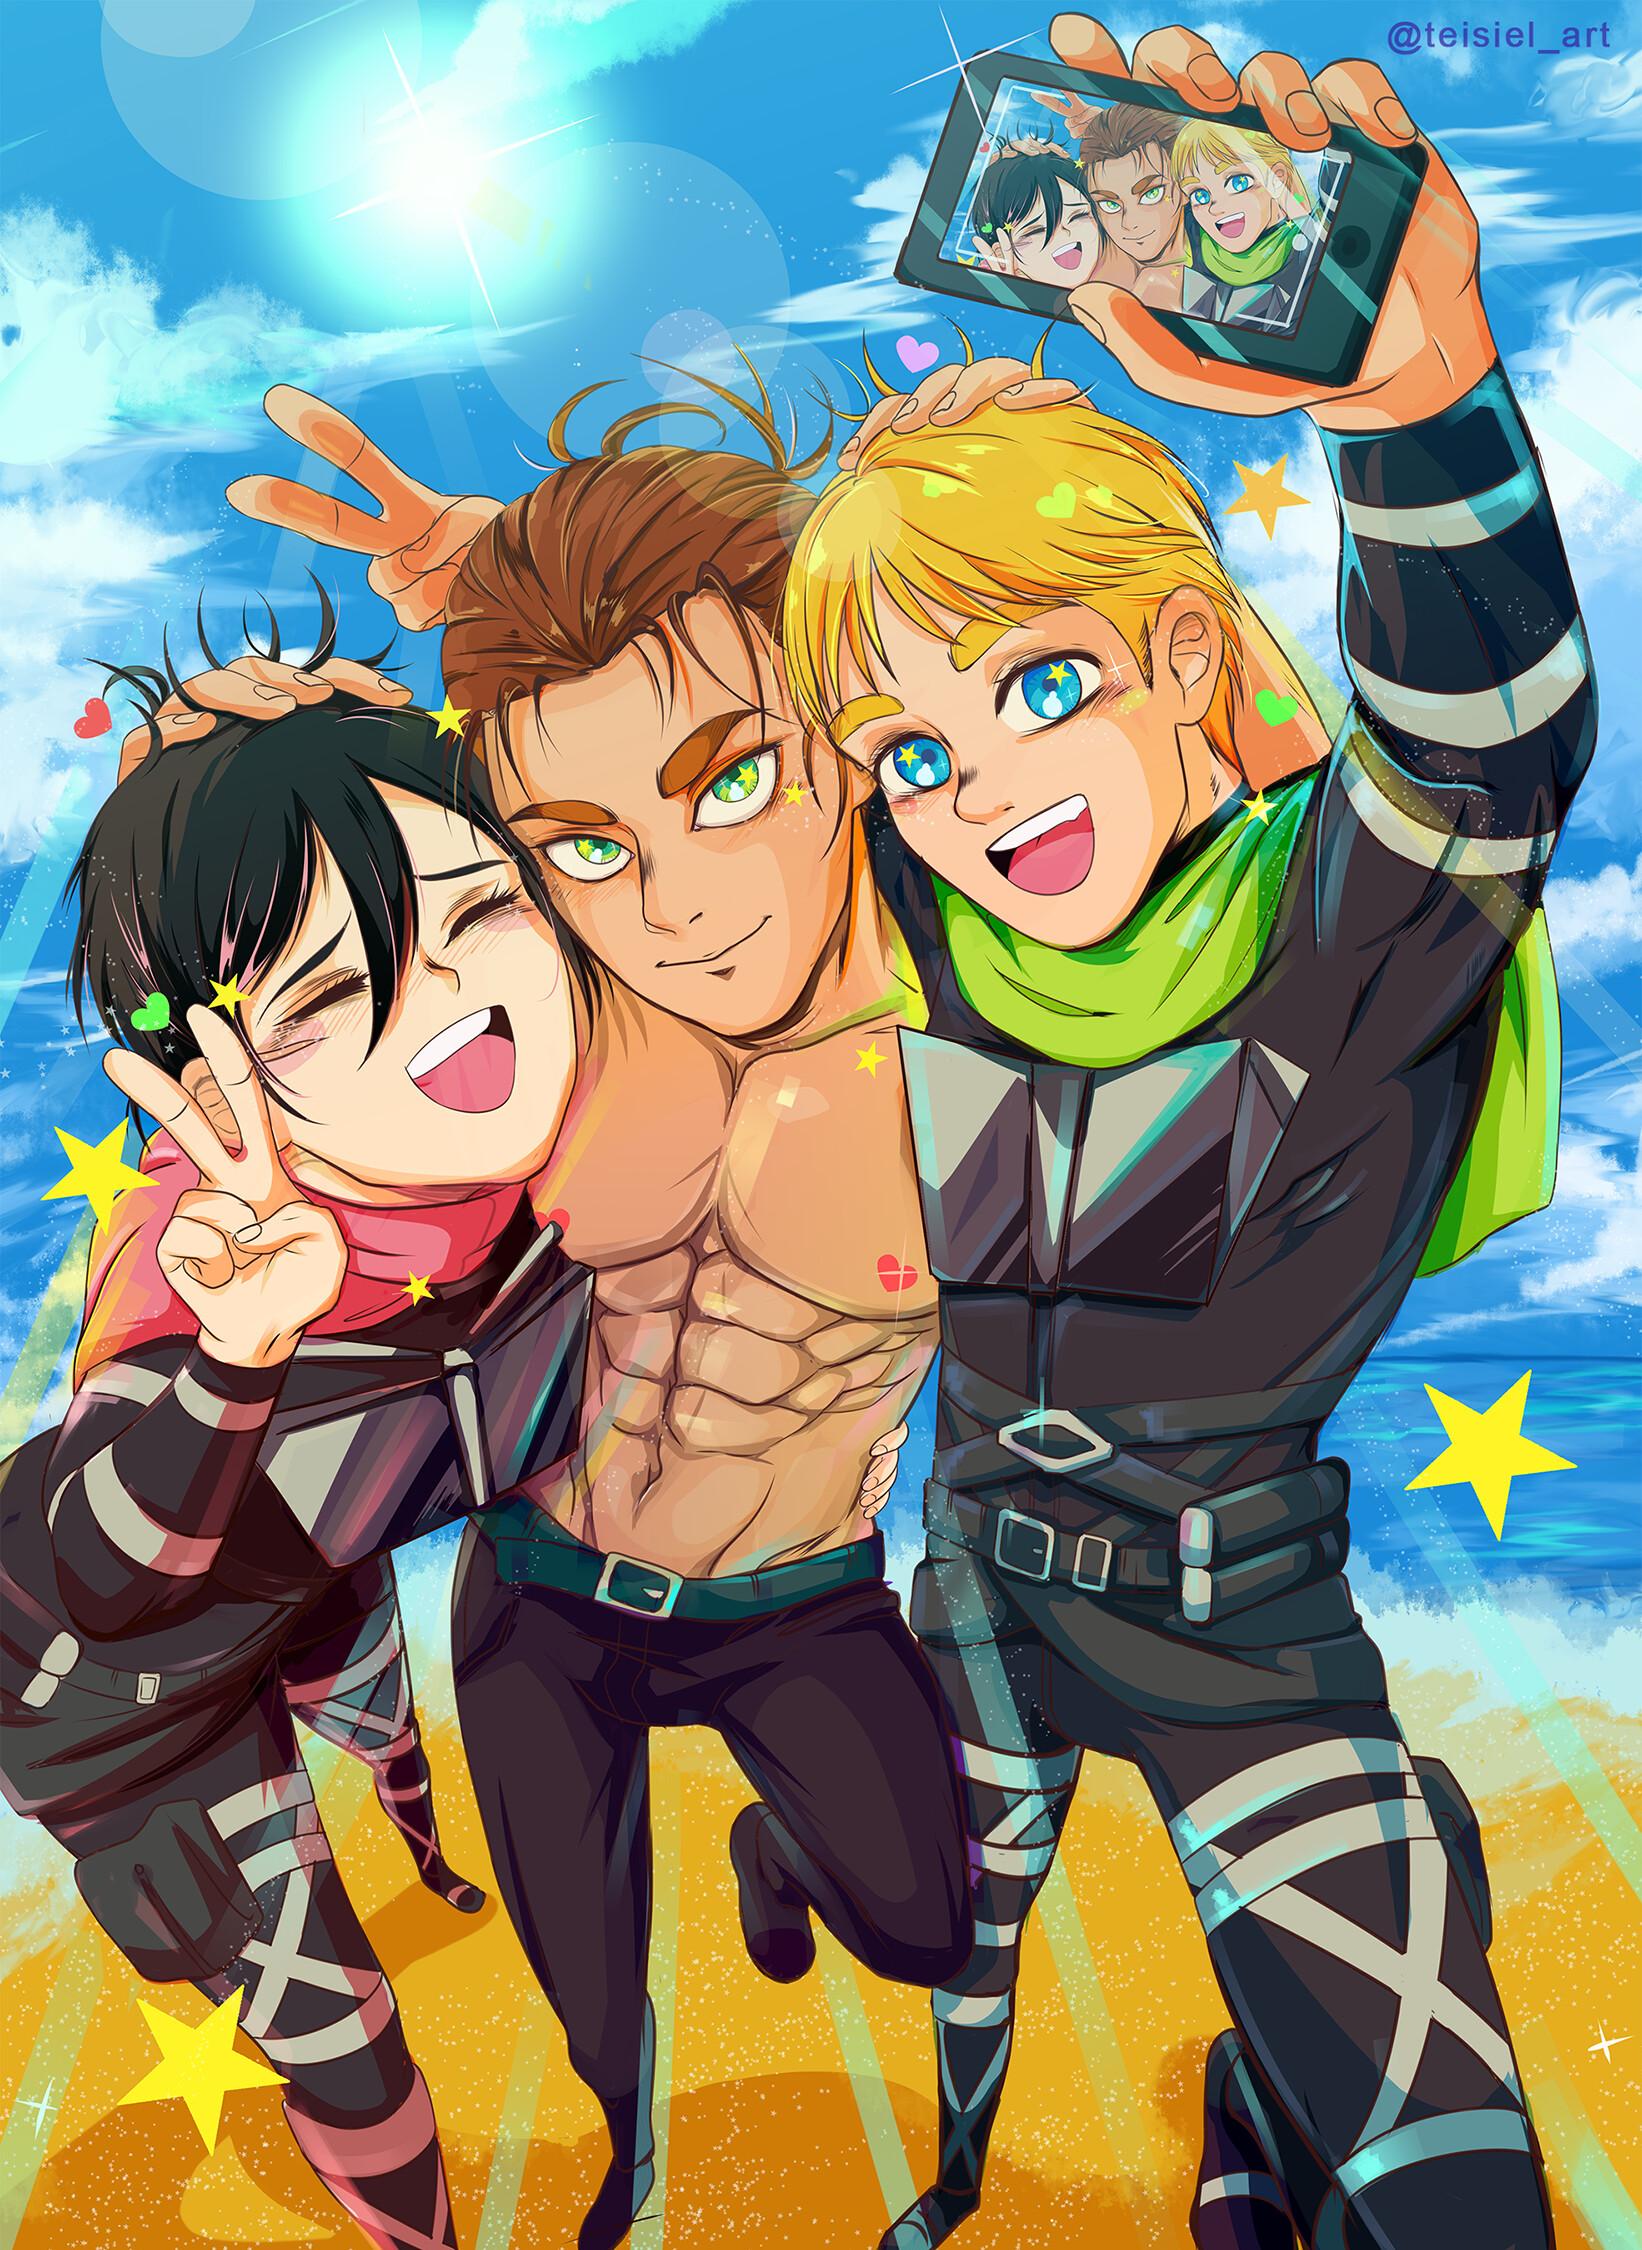 Taisho C Fan Art Armin X Eren X Mikasa Snk Shingeky No Kyoyin Teisiel Art